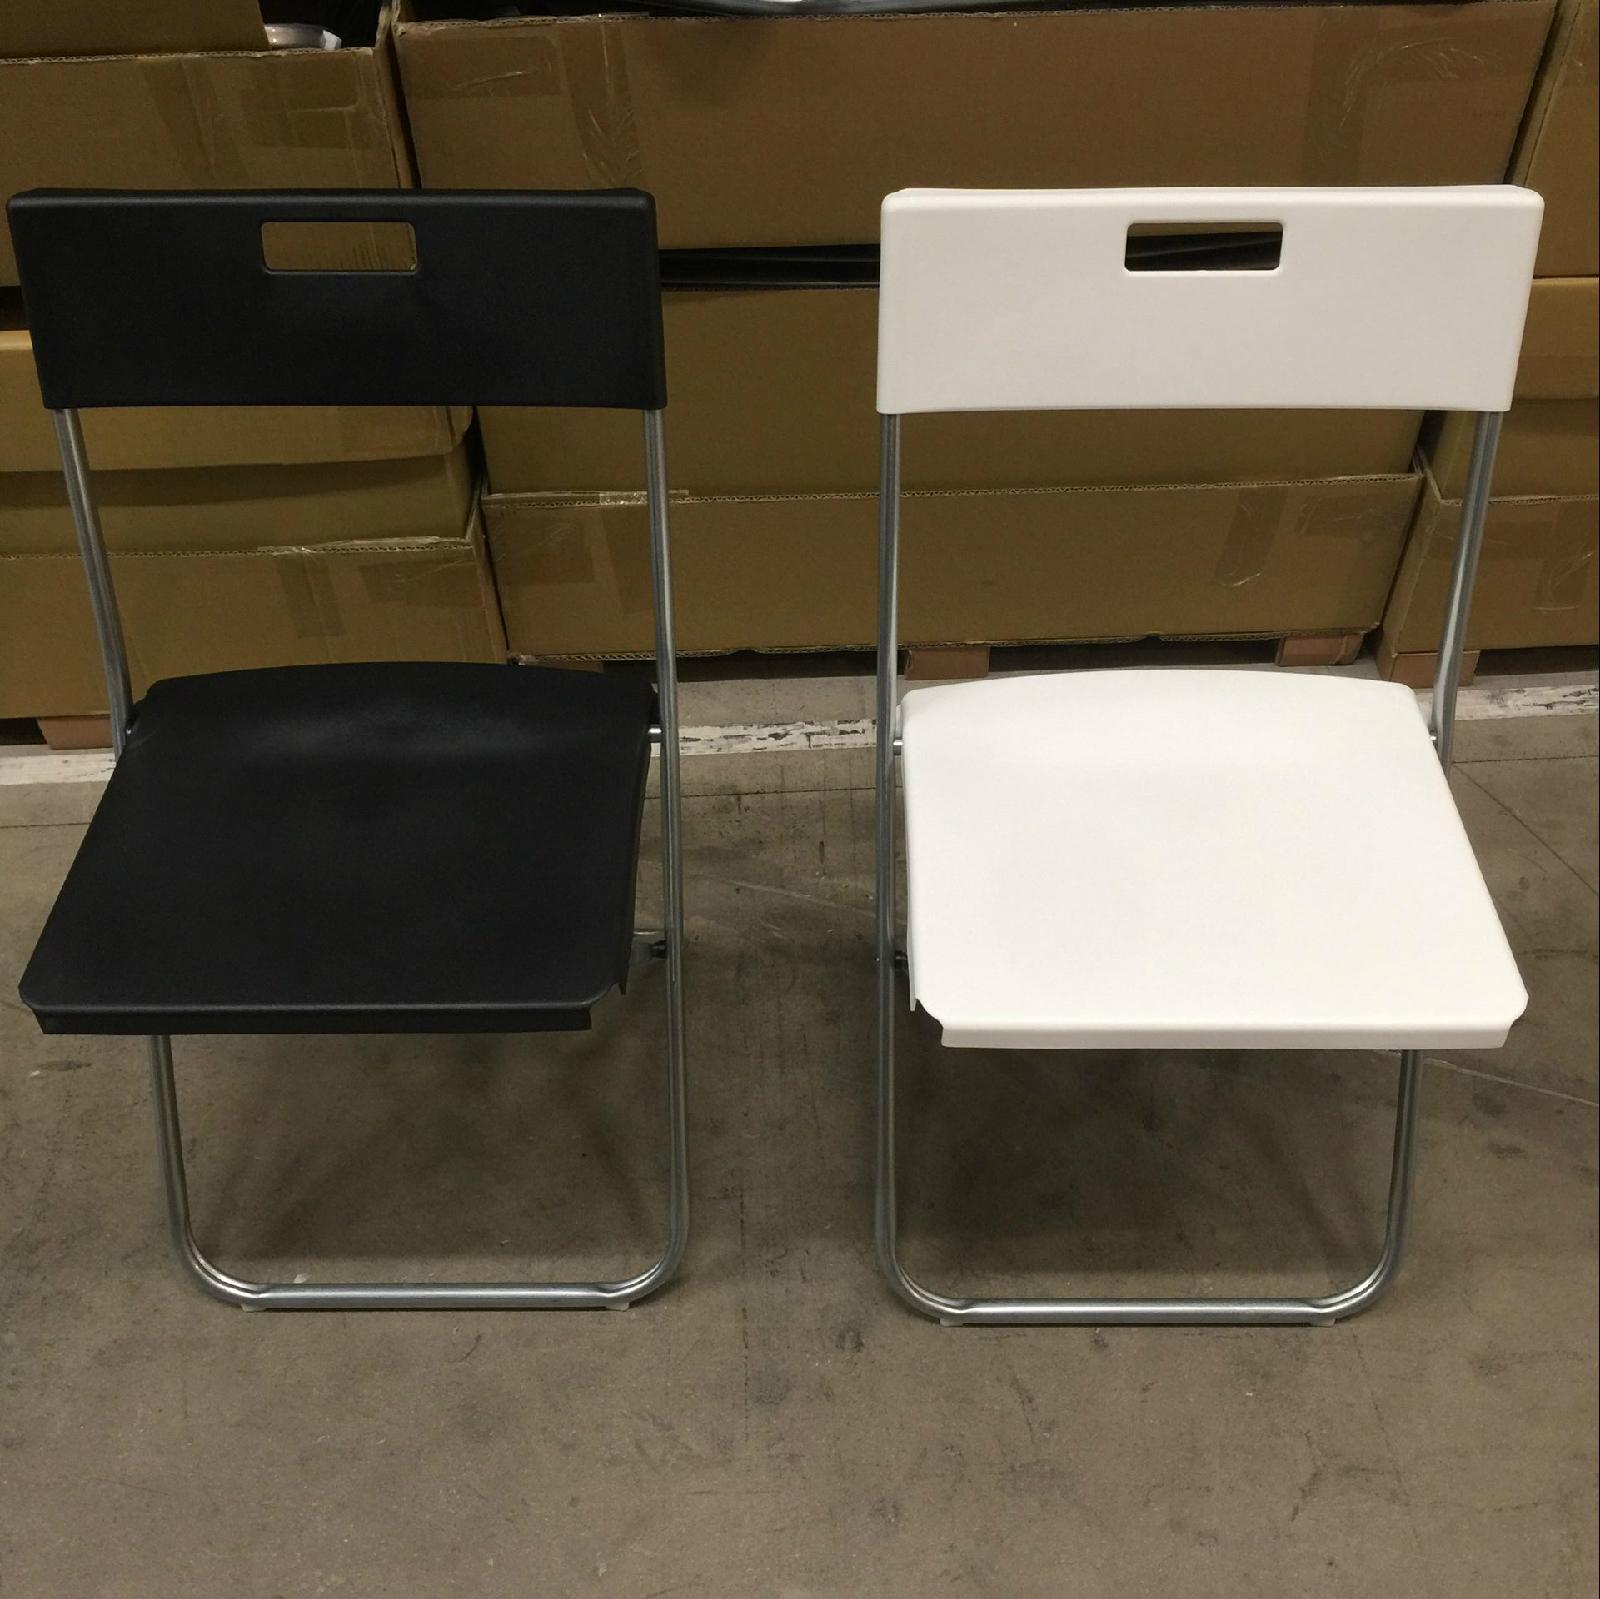 宜家国内代购 冈德尔 折叠椅靠背椅 办公电脑椅 餐椅 便携 黑白色